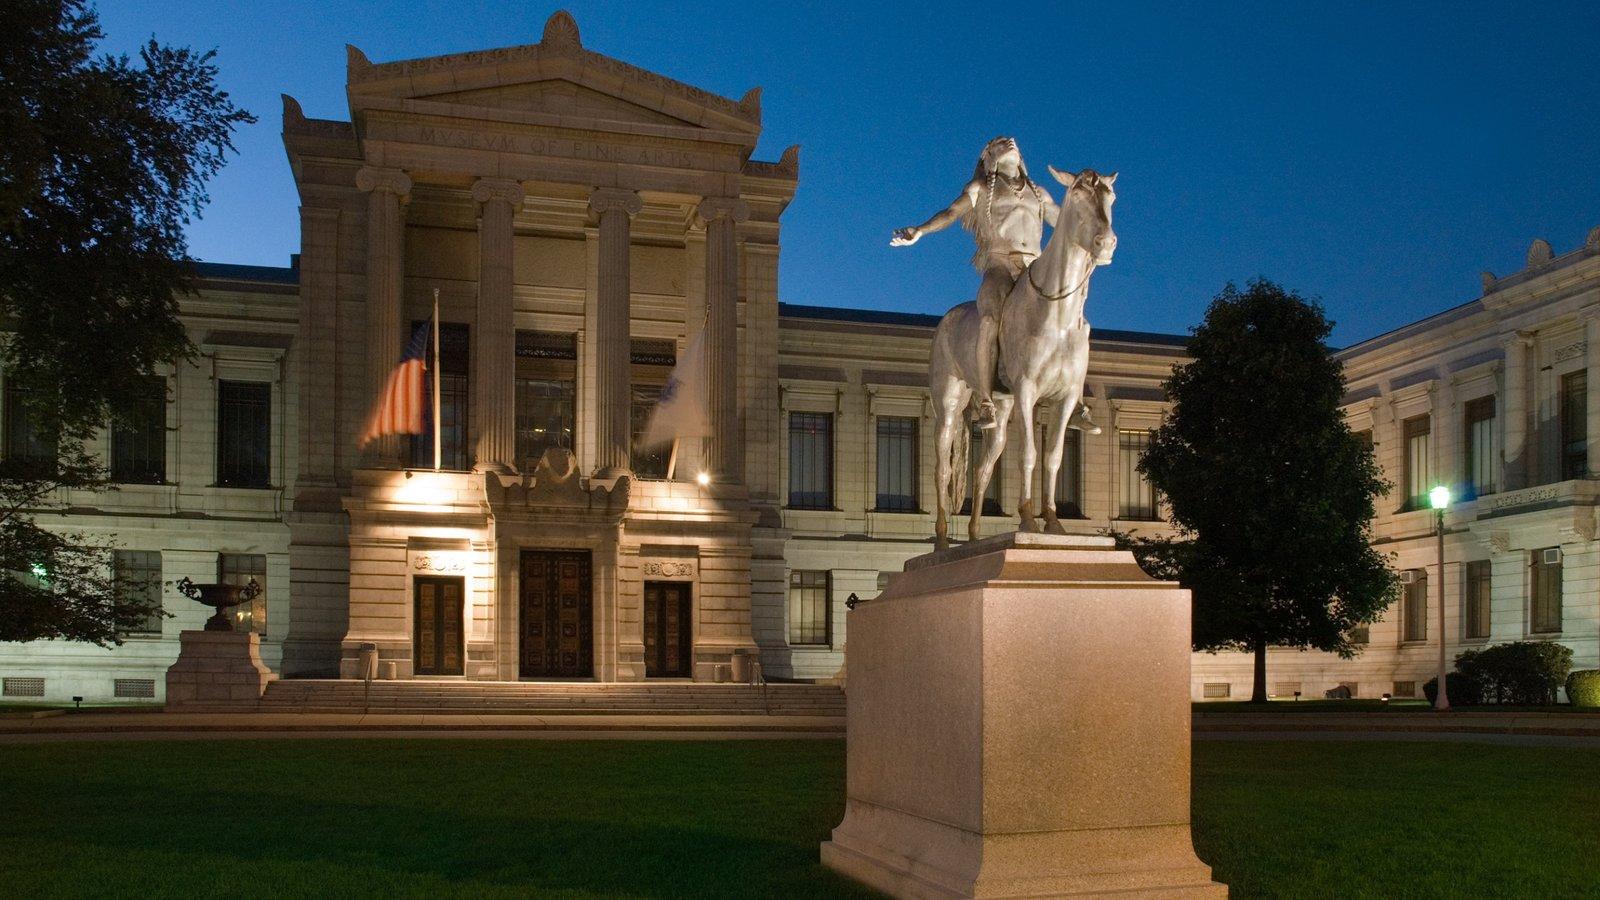 Museo de Bellas Artes de Boston que incluye una estatua o escultura, un parque y escenas nocturnas